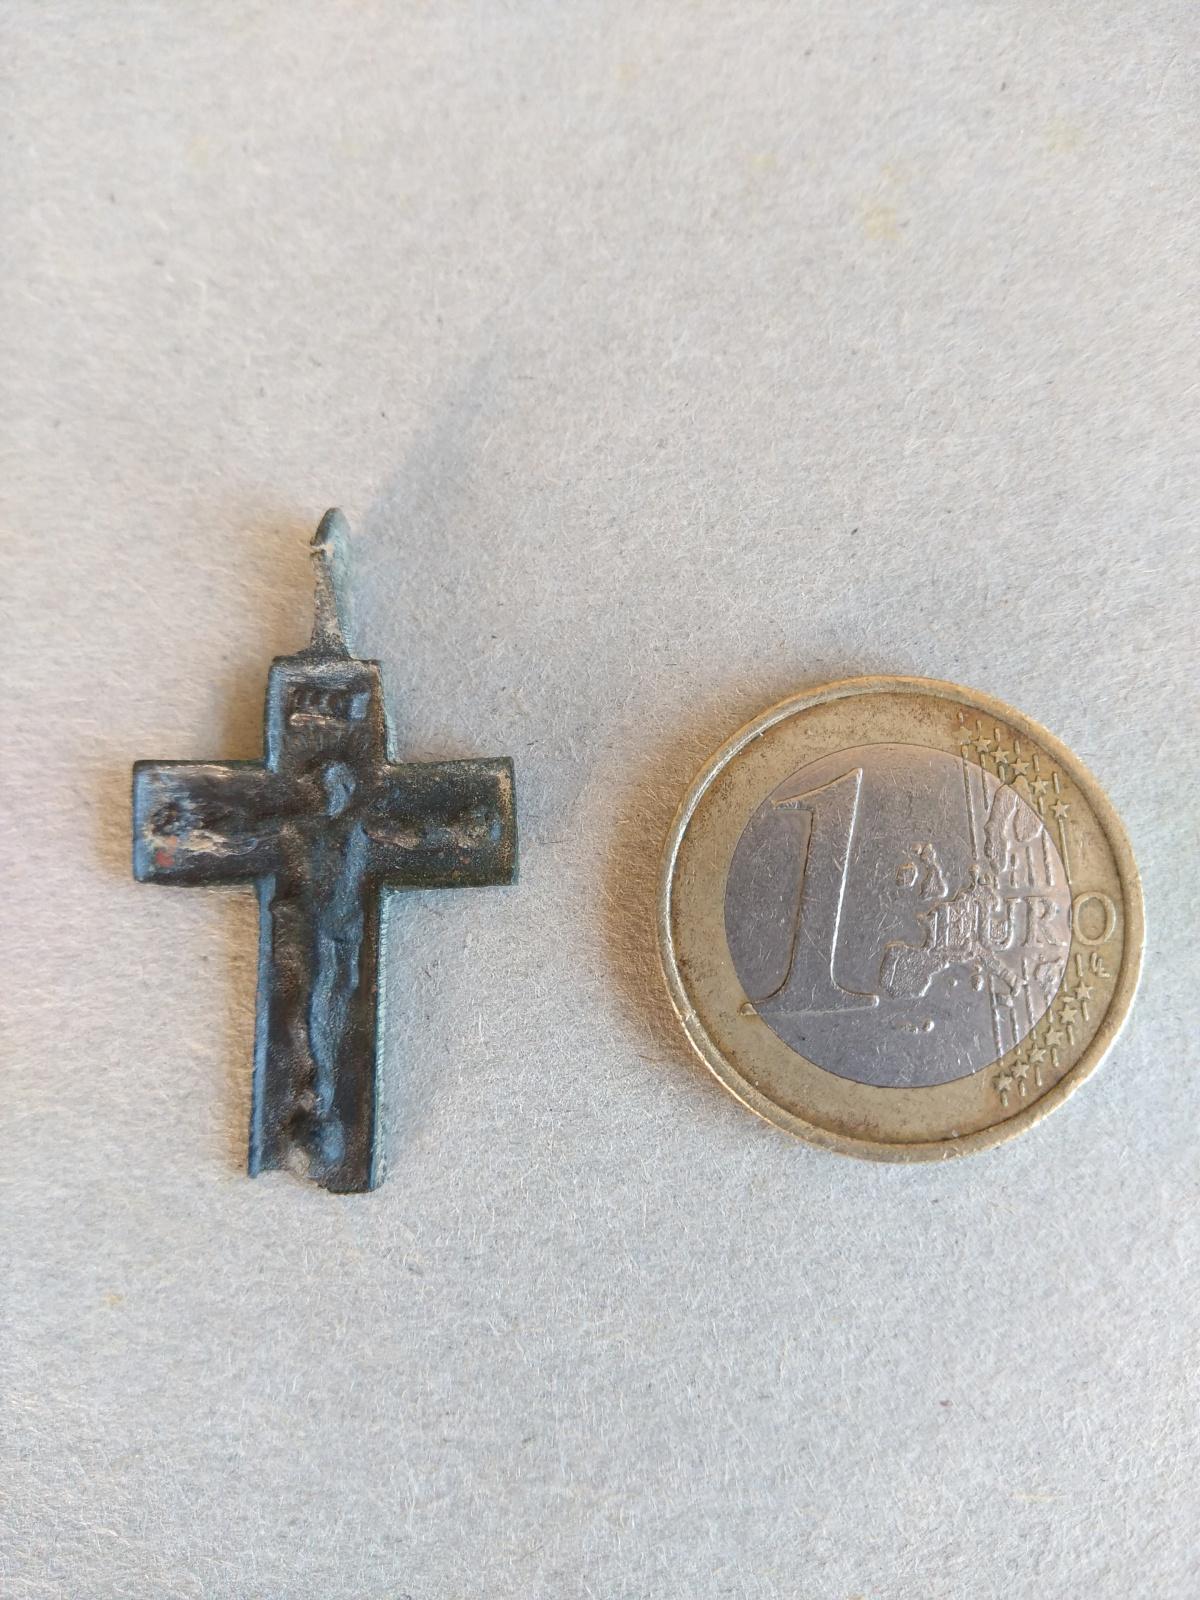 crucifijo 2vx4l7t